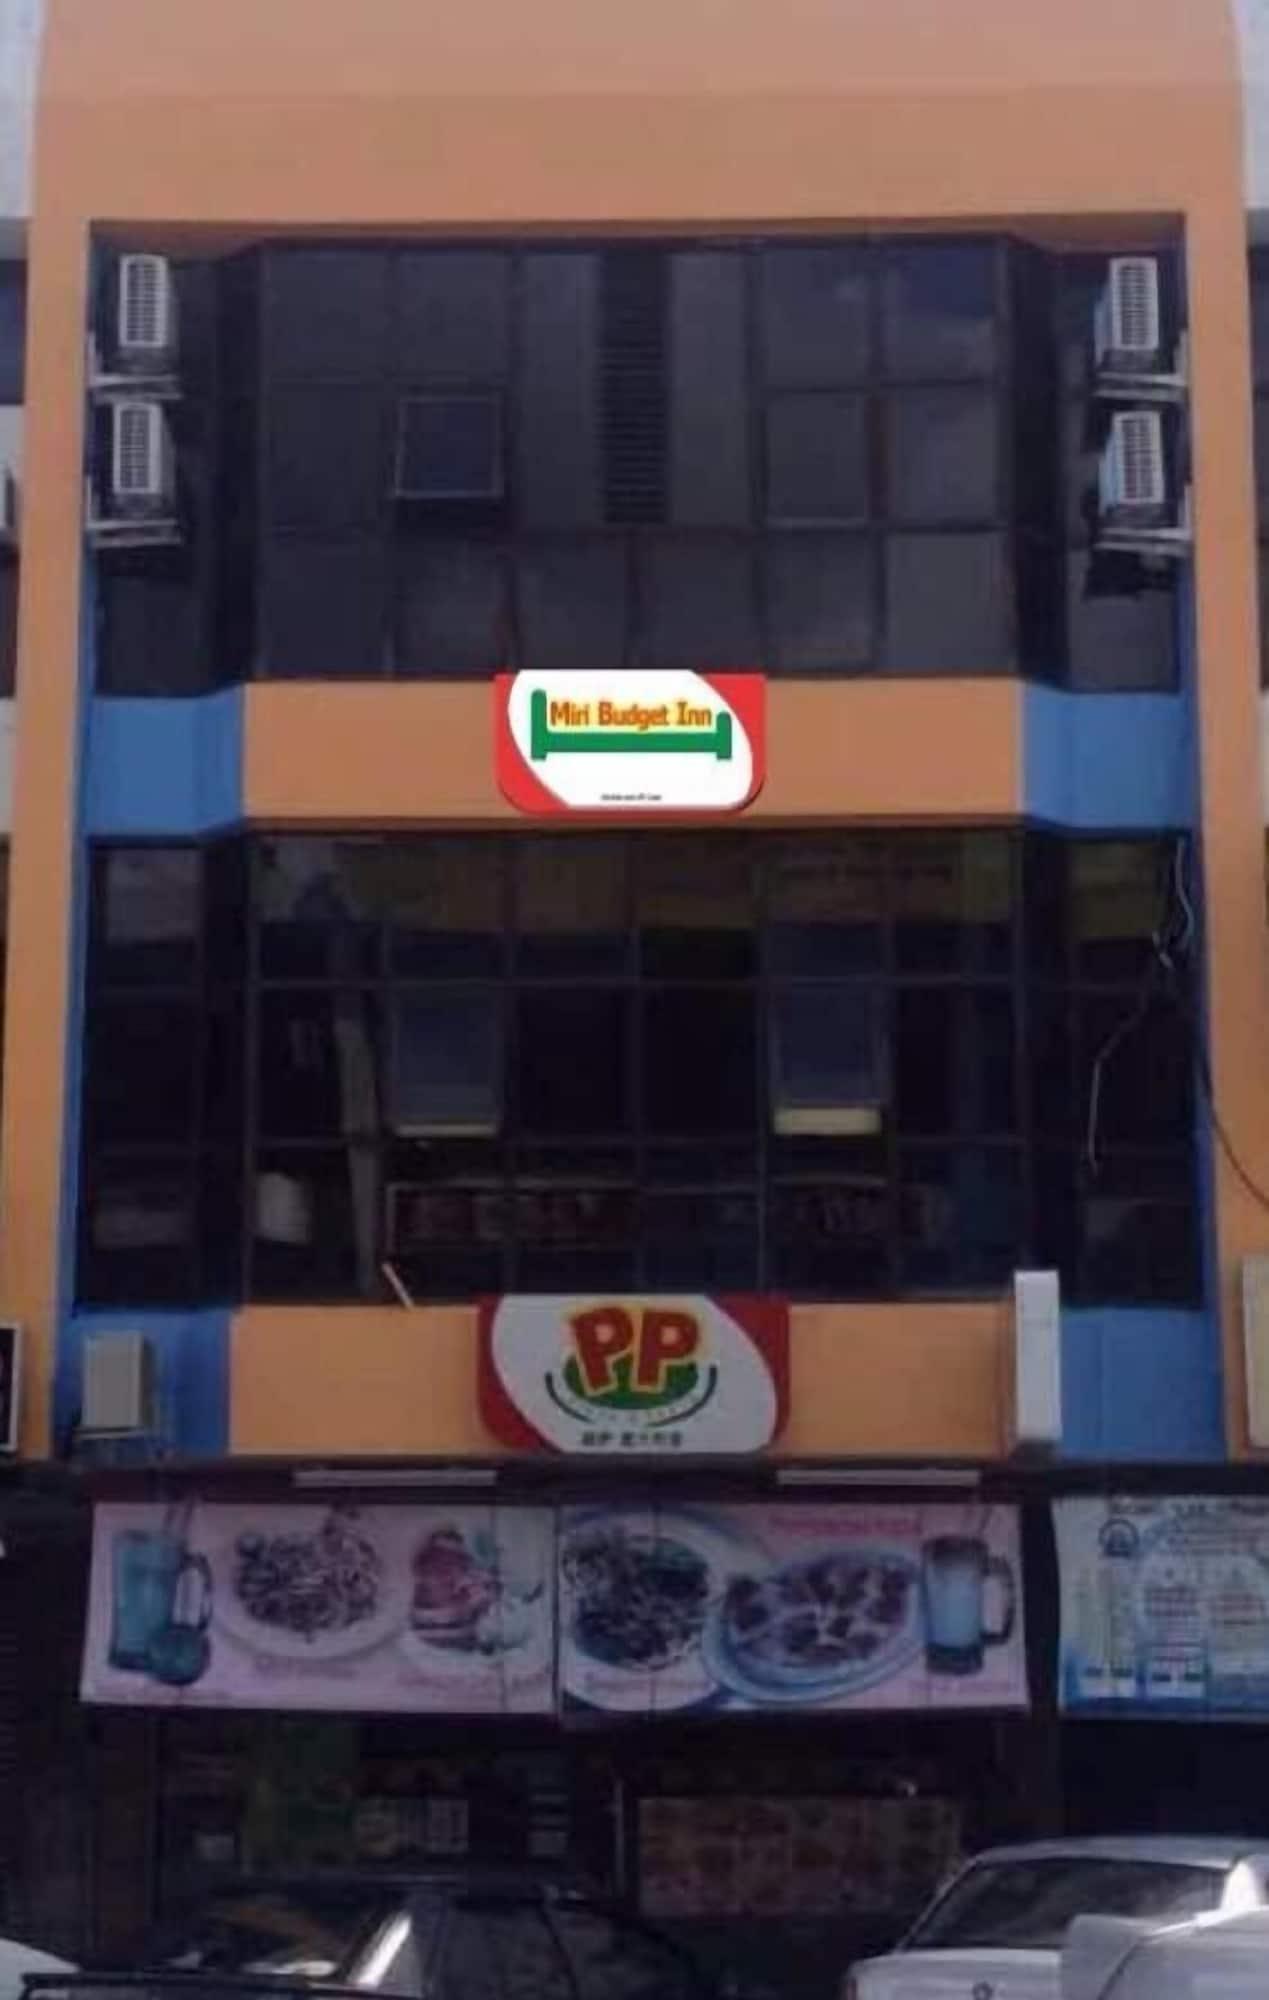 Miri Budget Inn, Miri